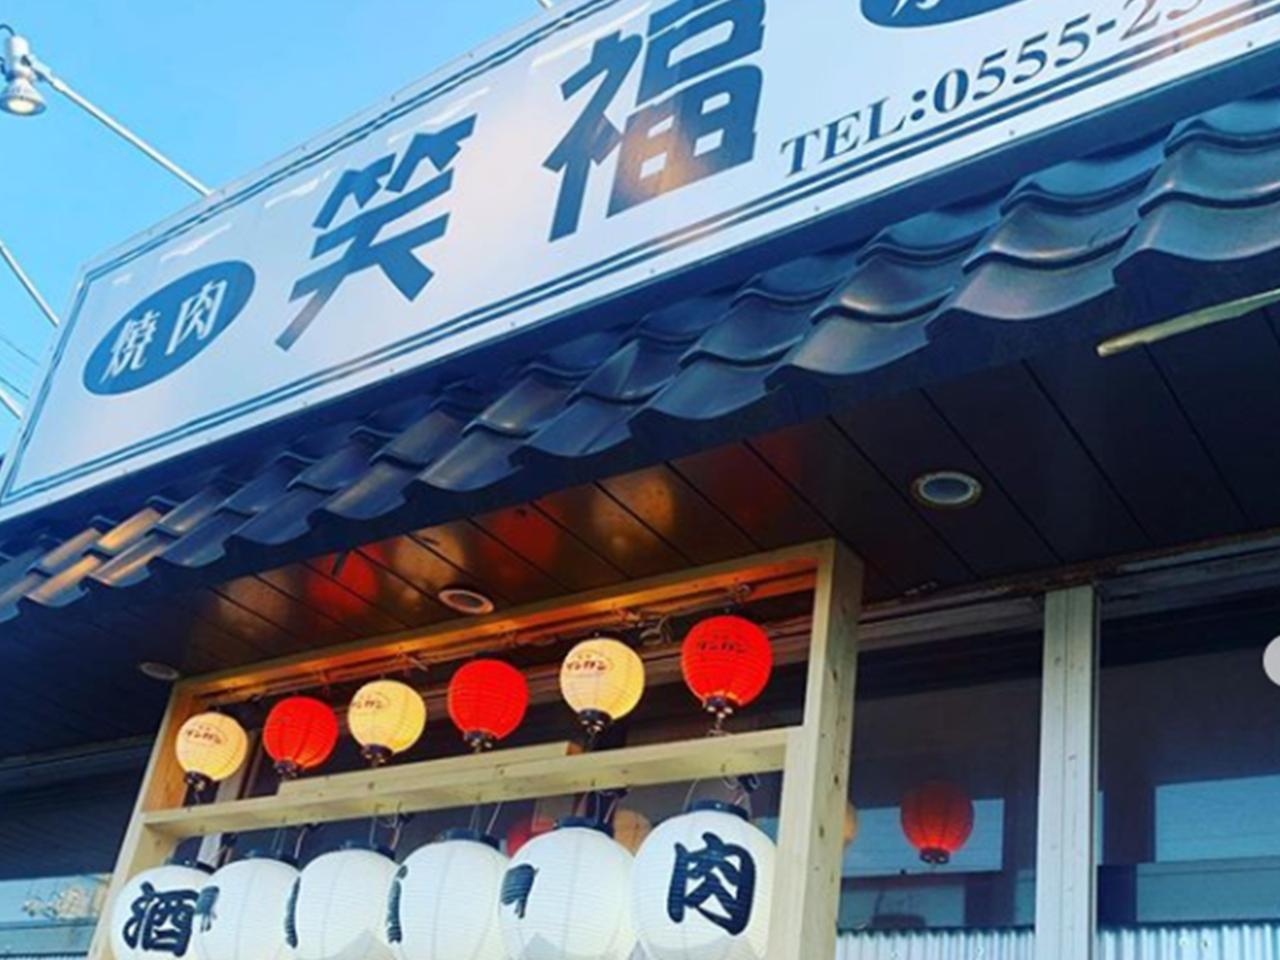 富士河口湖町で太龍ラーメンが食べられる!?富士河口湖町小立にある『焼肉 笑福』へいざ行かん!